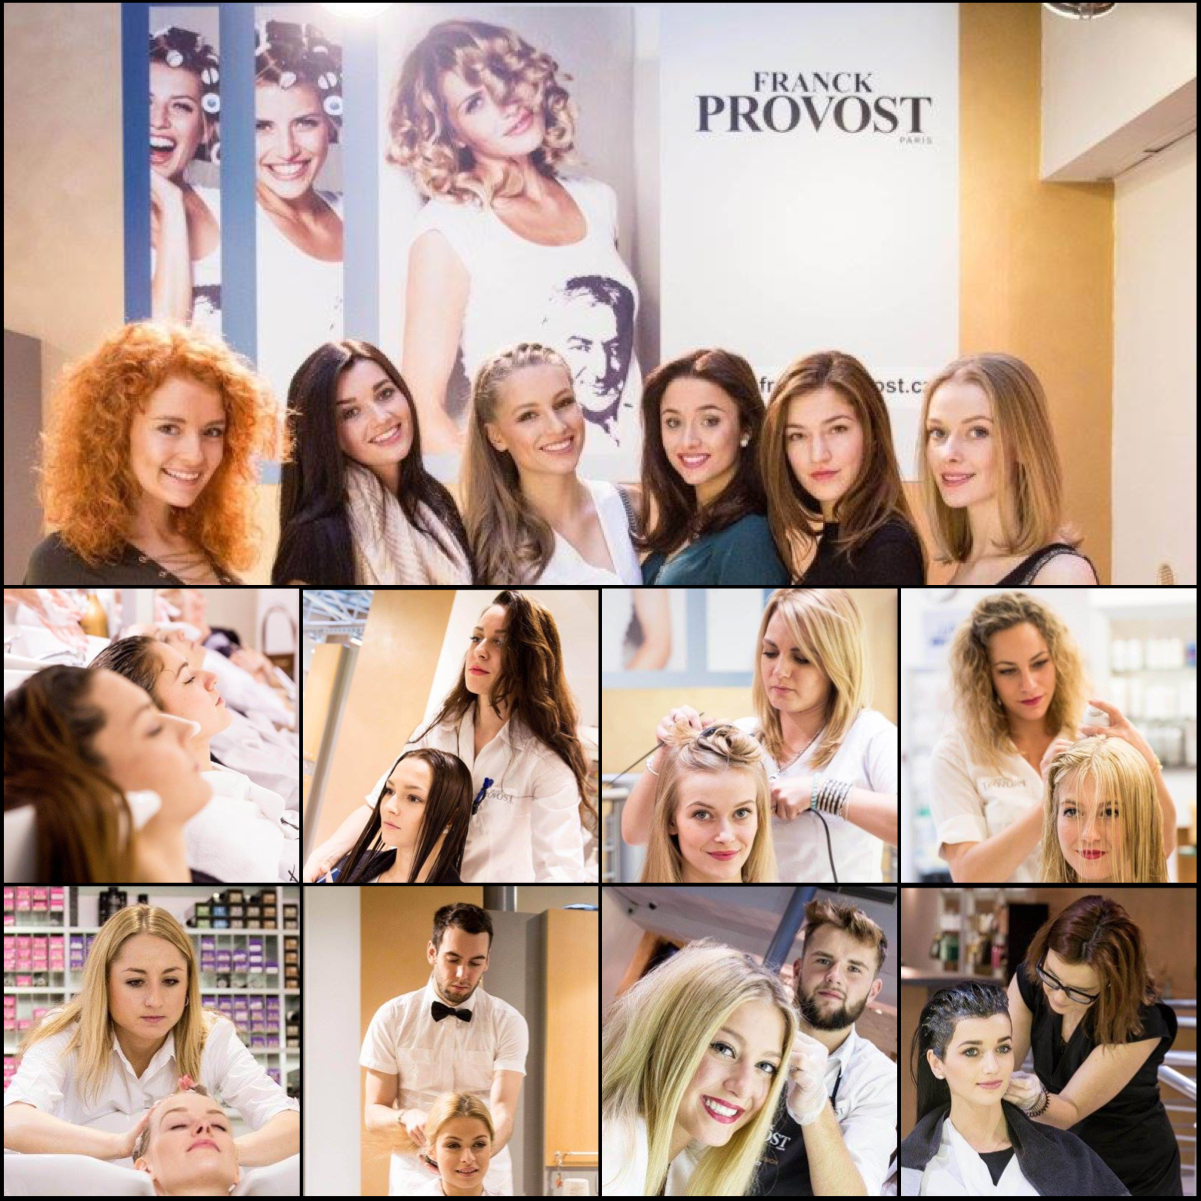 Česká Miss 2016 a Franck Provost